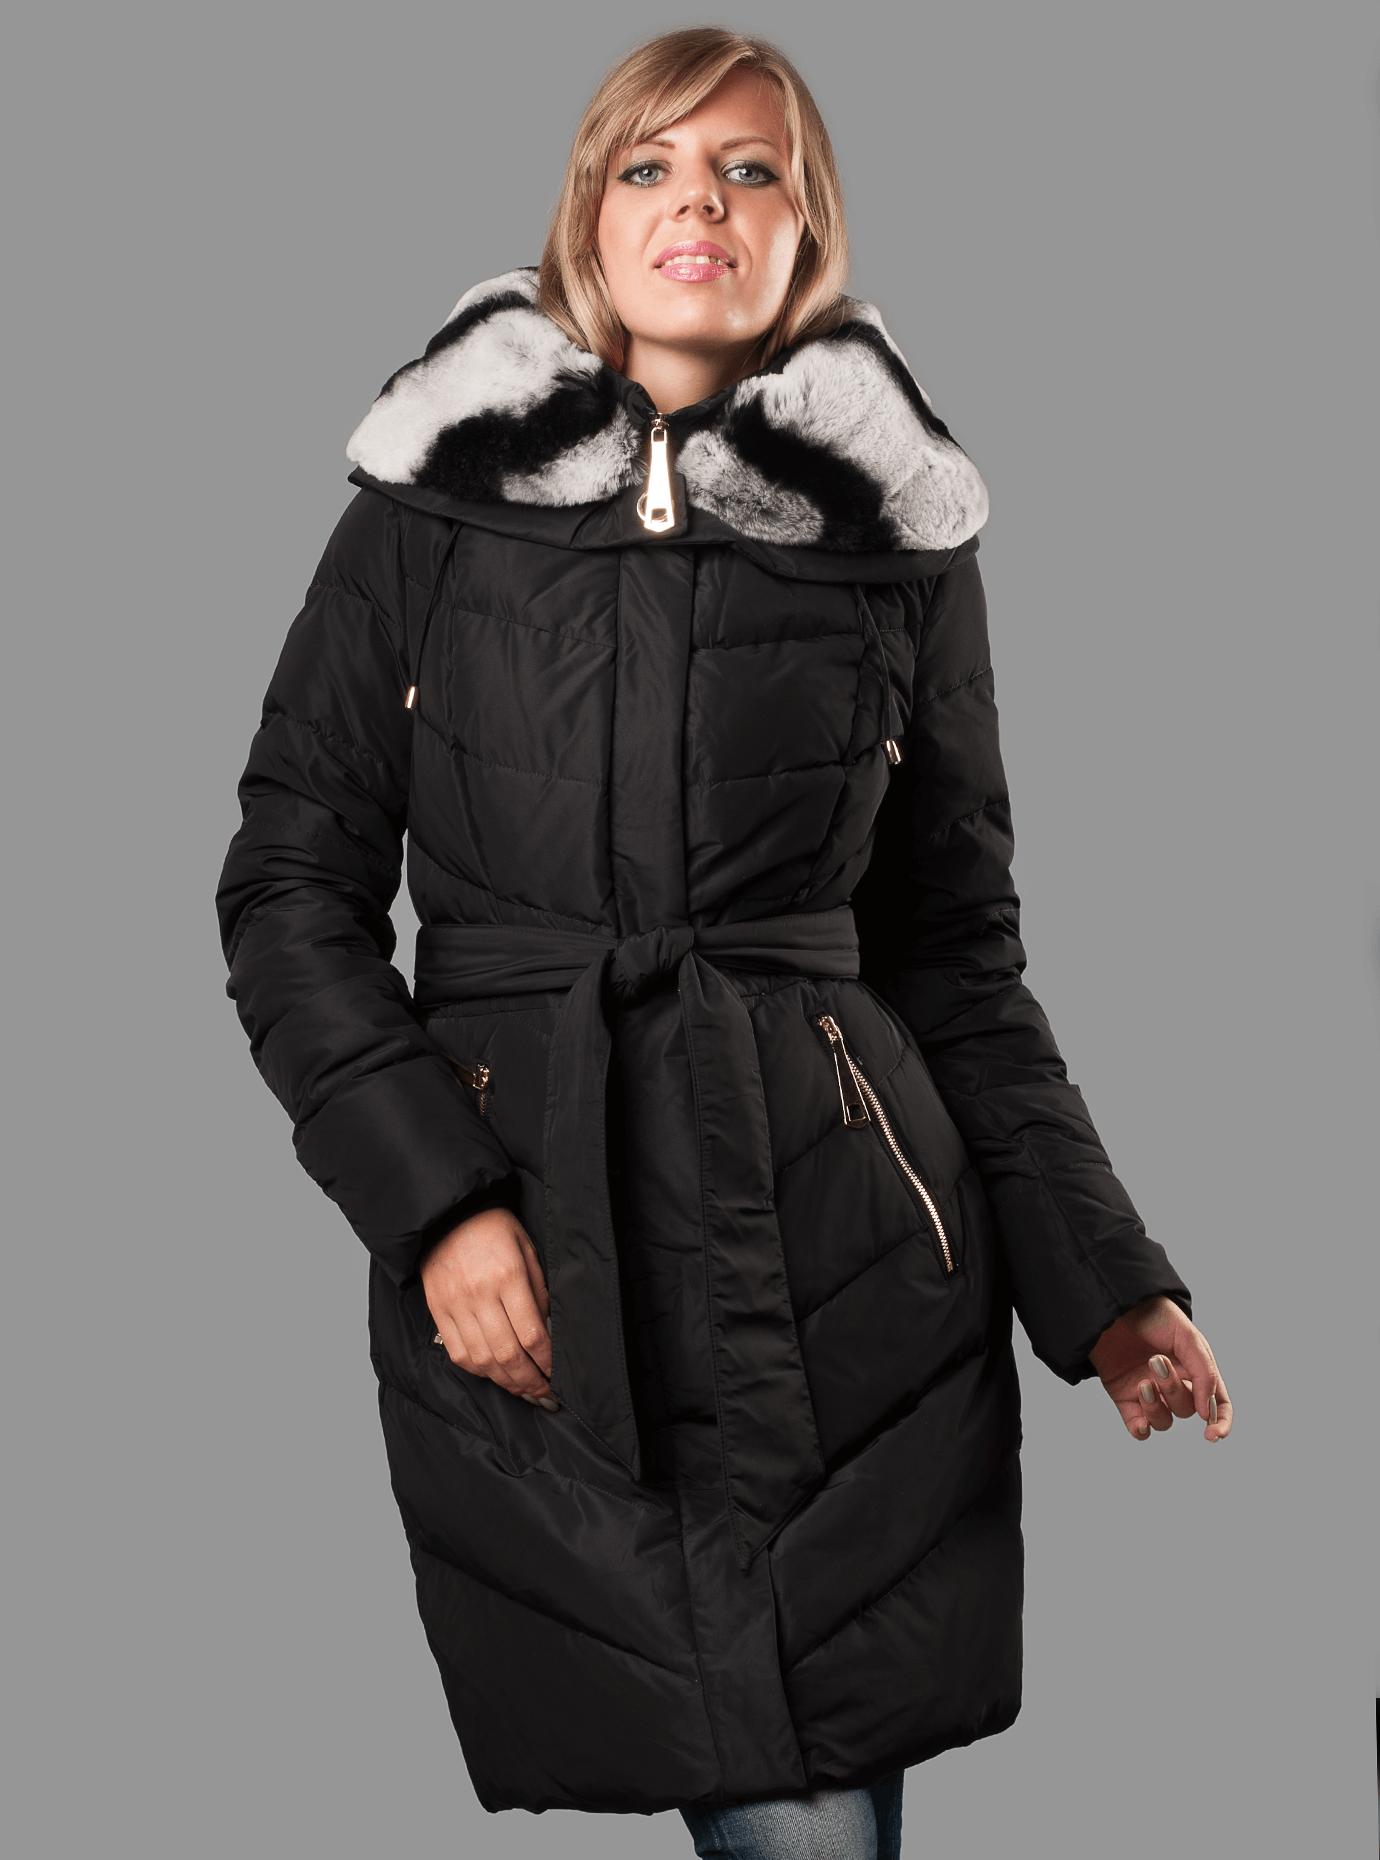 Женский зимний пуховик с мехом Чёрный M (05-AB9096): фото - Alster.ua